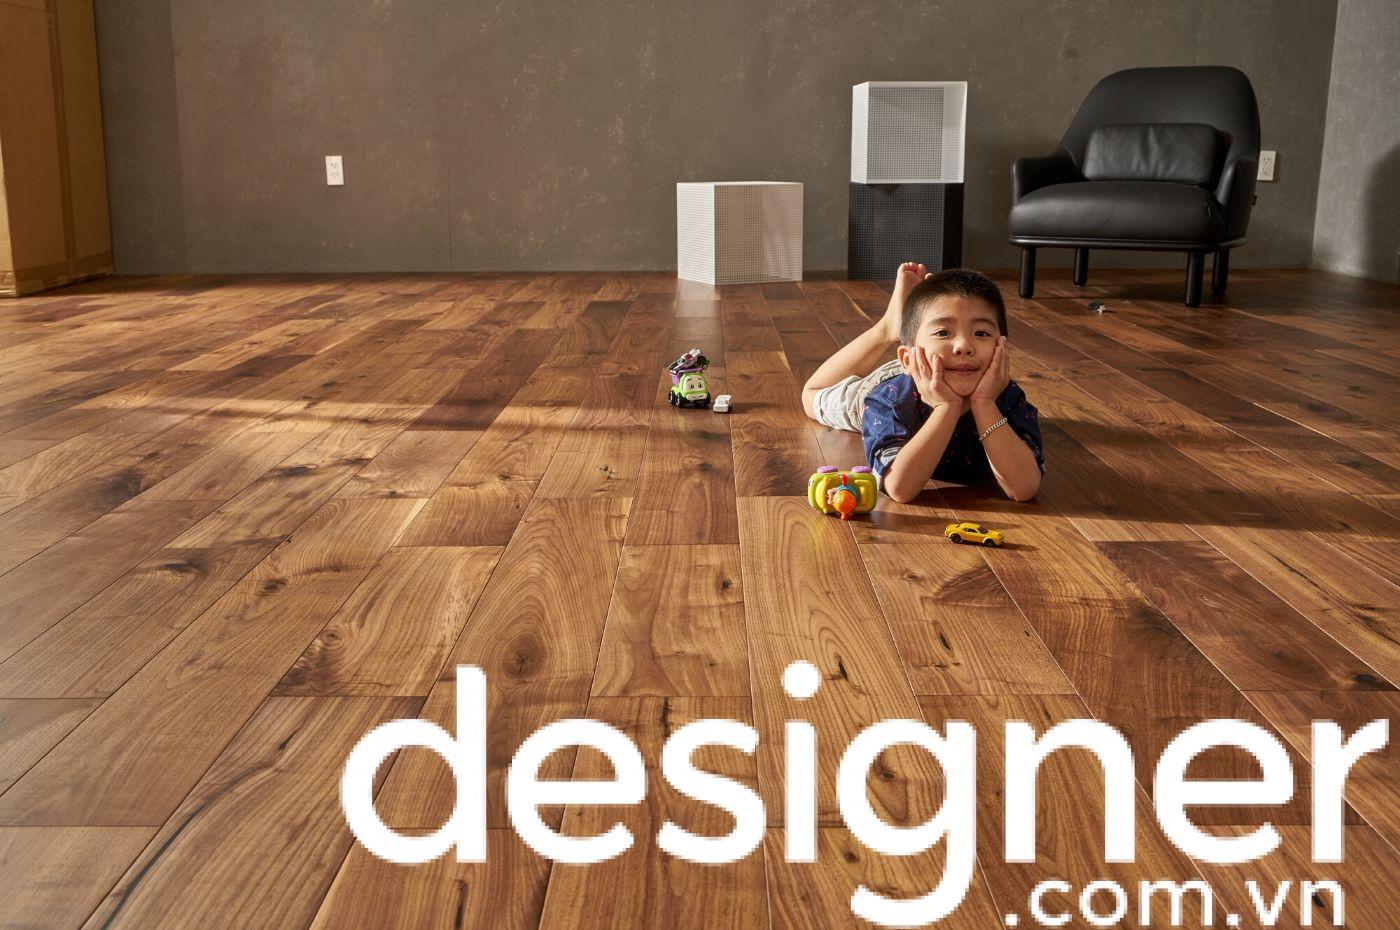 Giải pháp thiết kế catalogue sàn nhà gỗ tiện lợi, thu hút